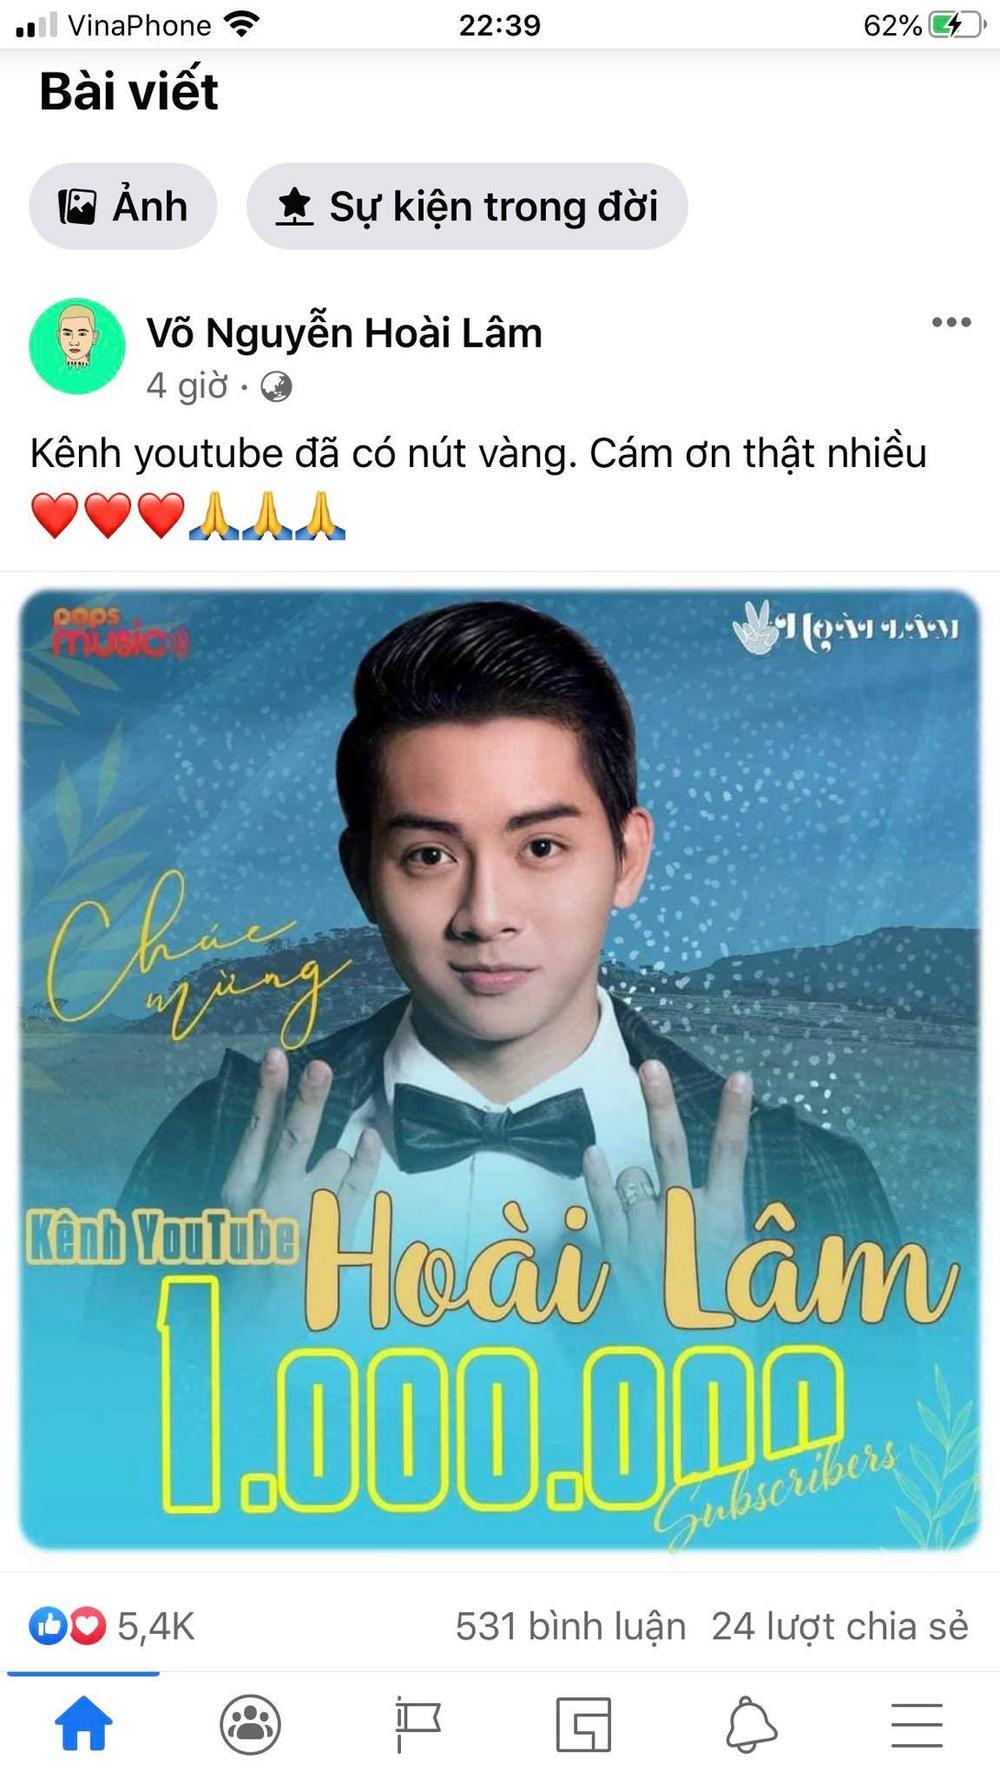 Kênh Youtube của Hoài Lâm cán mốc 1 triệu lượt đăng ký, Lê Hiếu - Xuân Nghị vào chúc mừng Ảnh 2